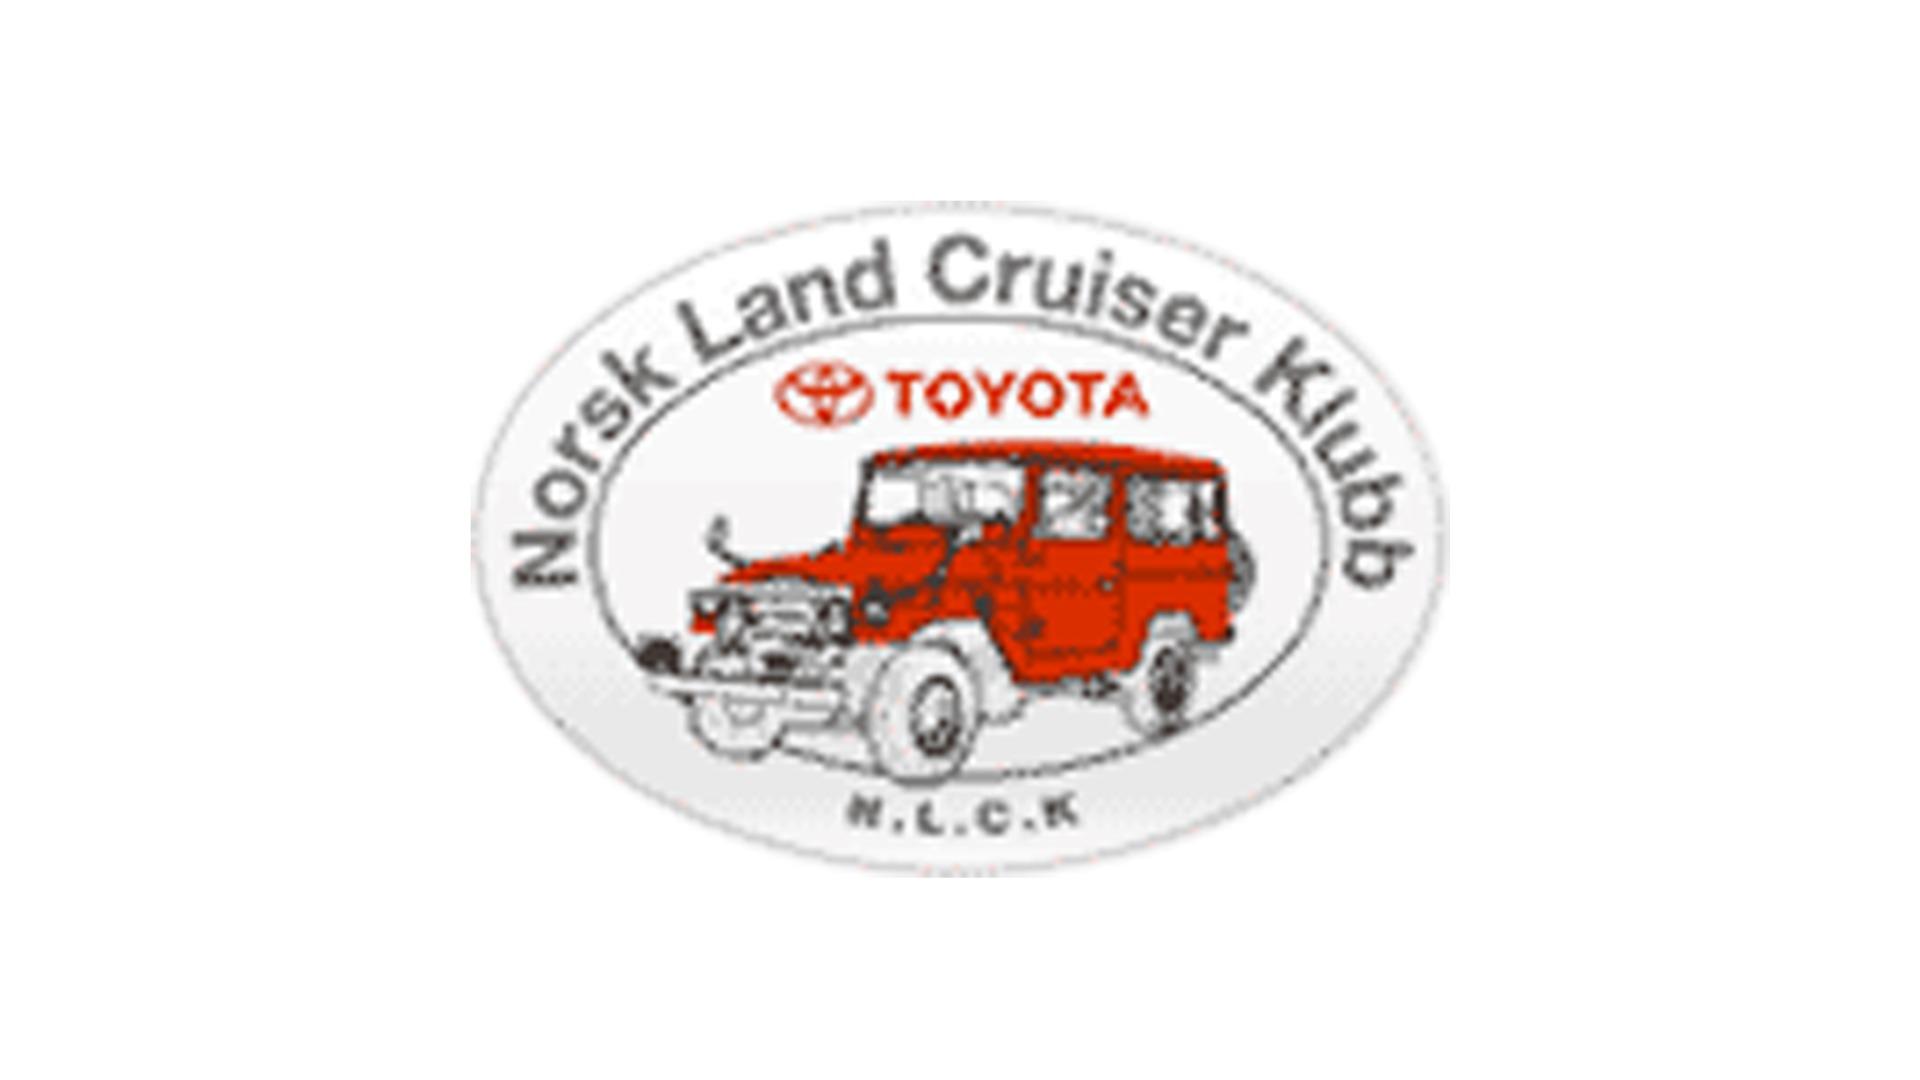 Norsk+land+cruiser+klubb-Fullskjerm.jpg